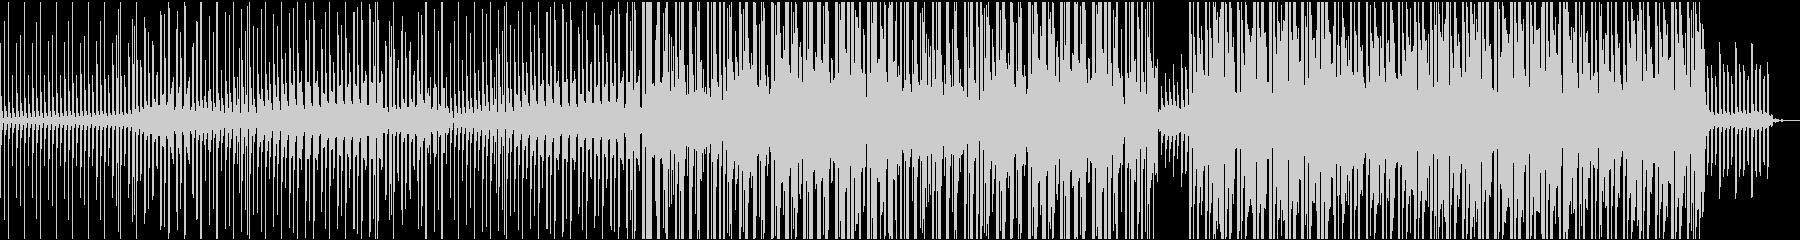 シンプルなコード感の爽やかなBGMの未再生の波形